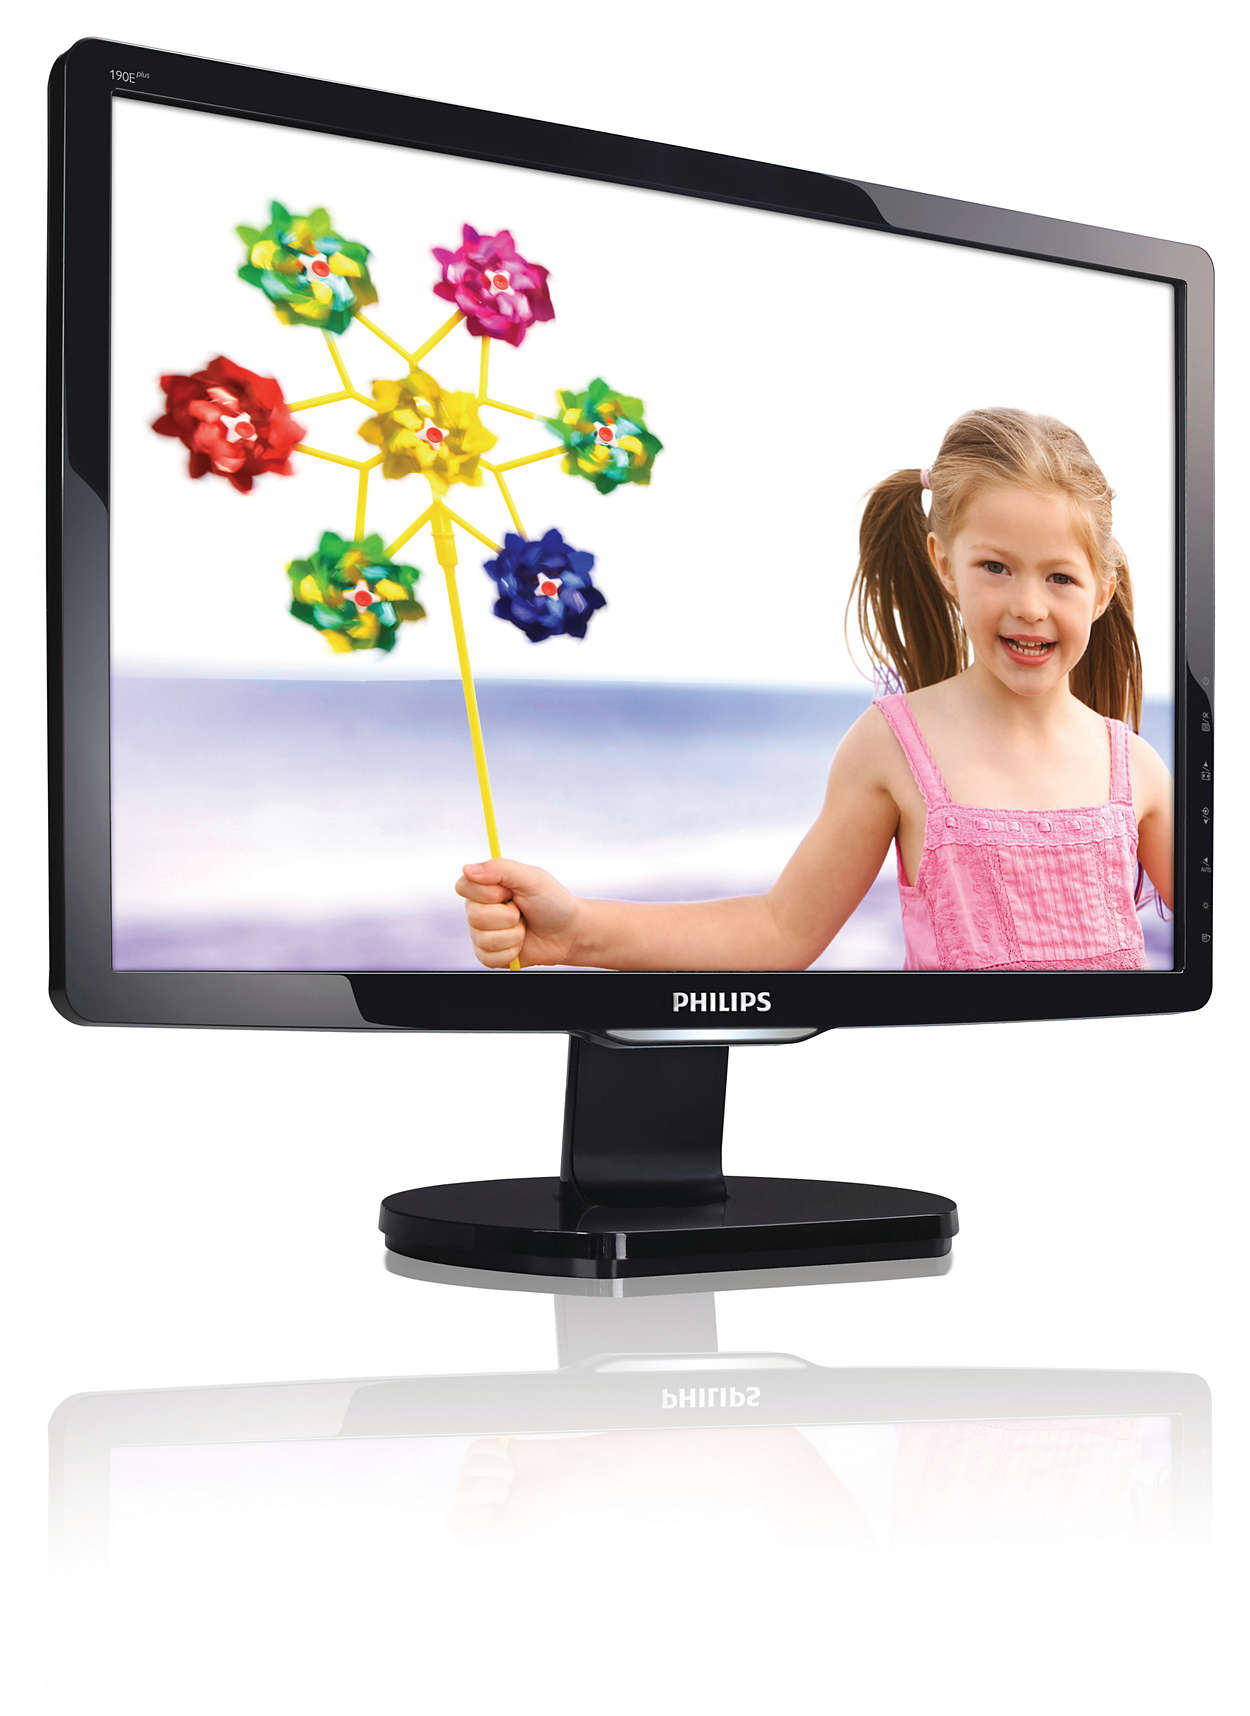 優雅 HD 高畫質顯示器展現非凡價值